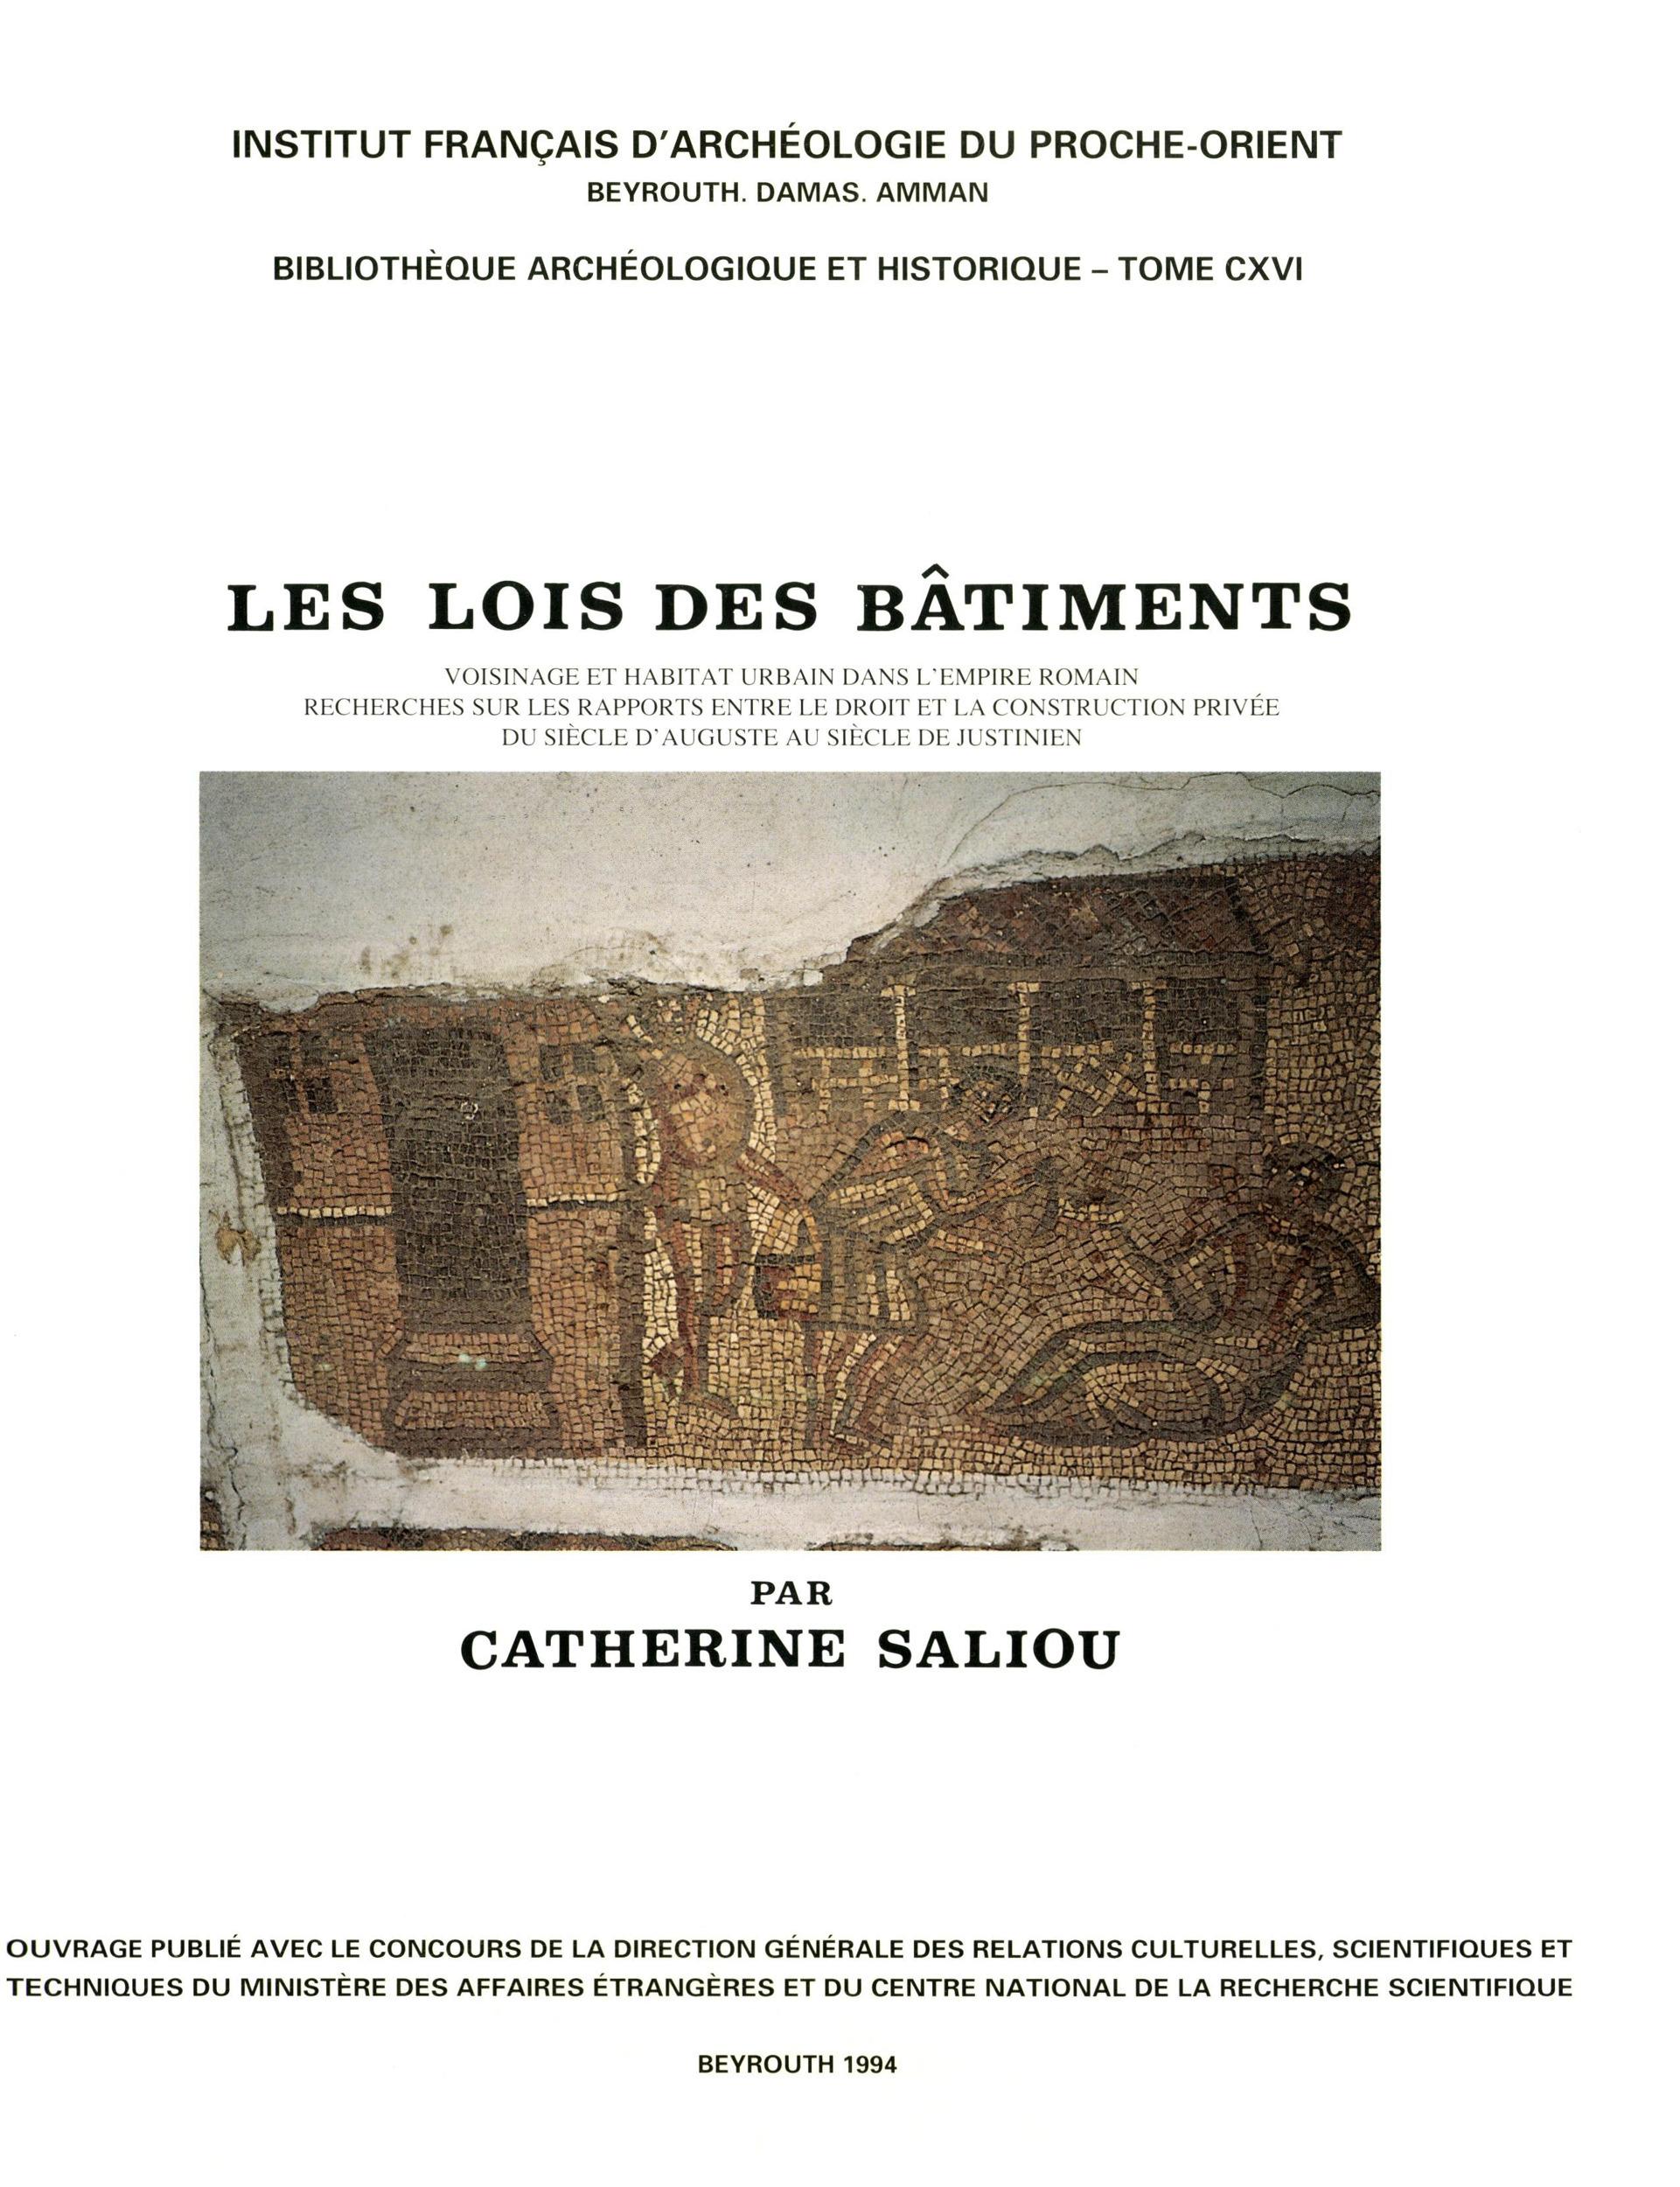 Les lois des batiments, voisinage et habitat urbain dans l empire romain